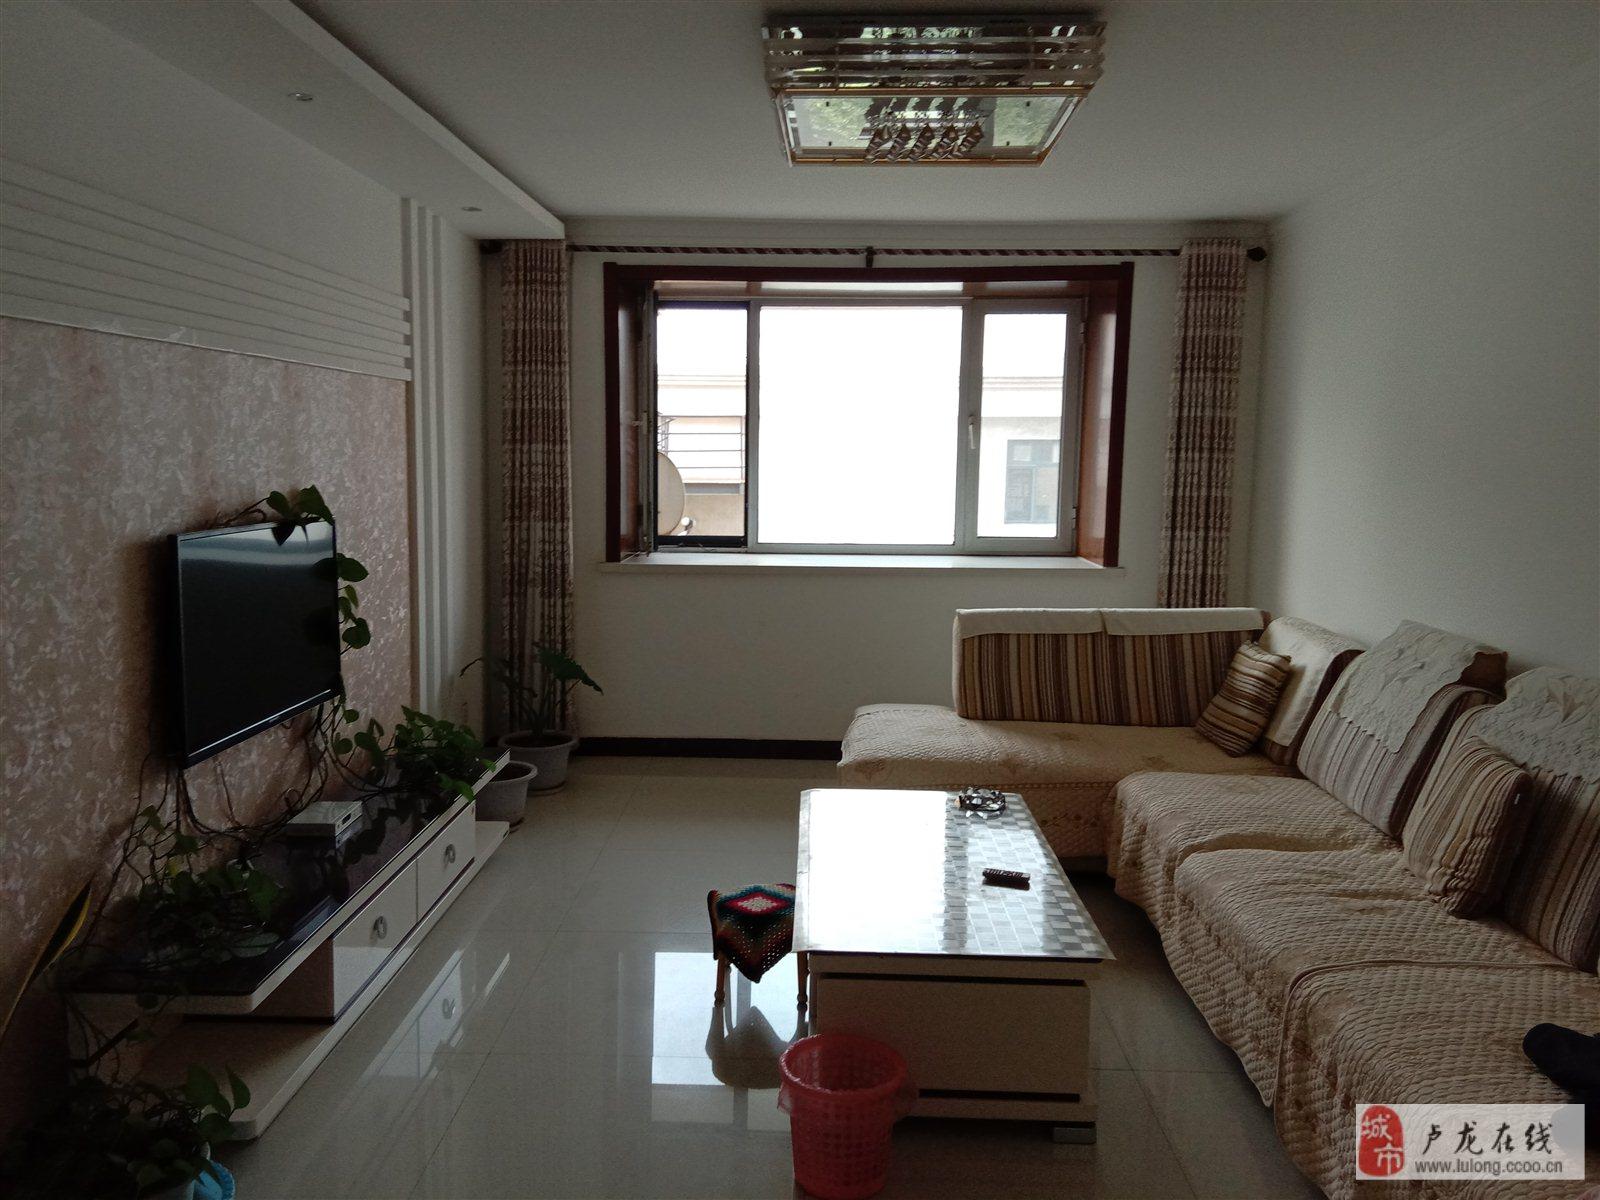 恒祥龙泽城(龙泽城)2室 2厅 1卫58万元